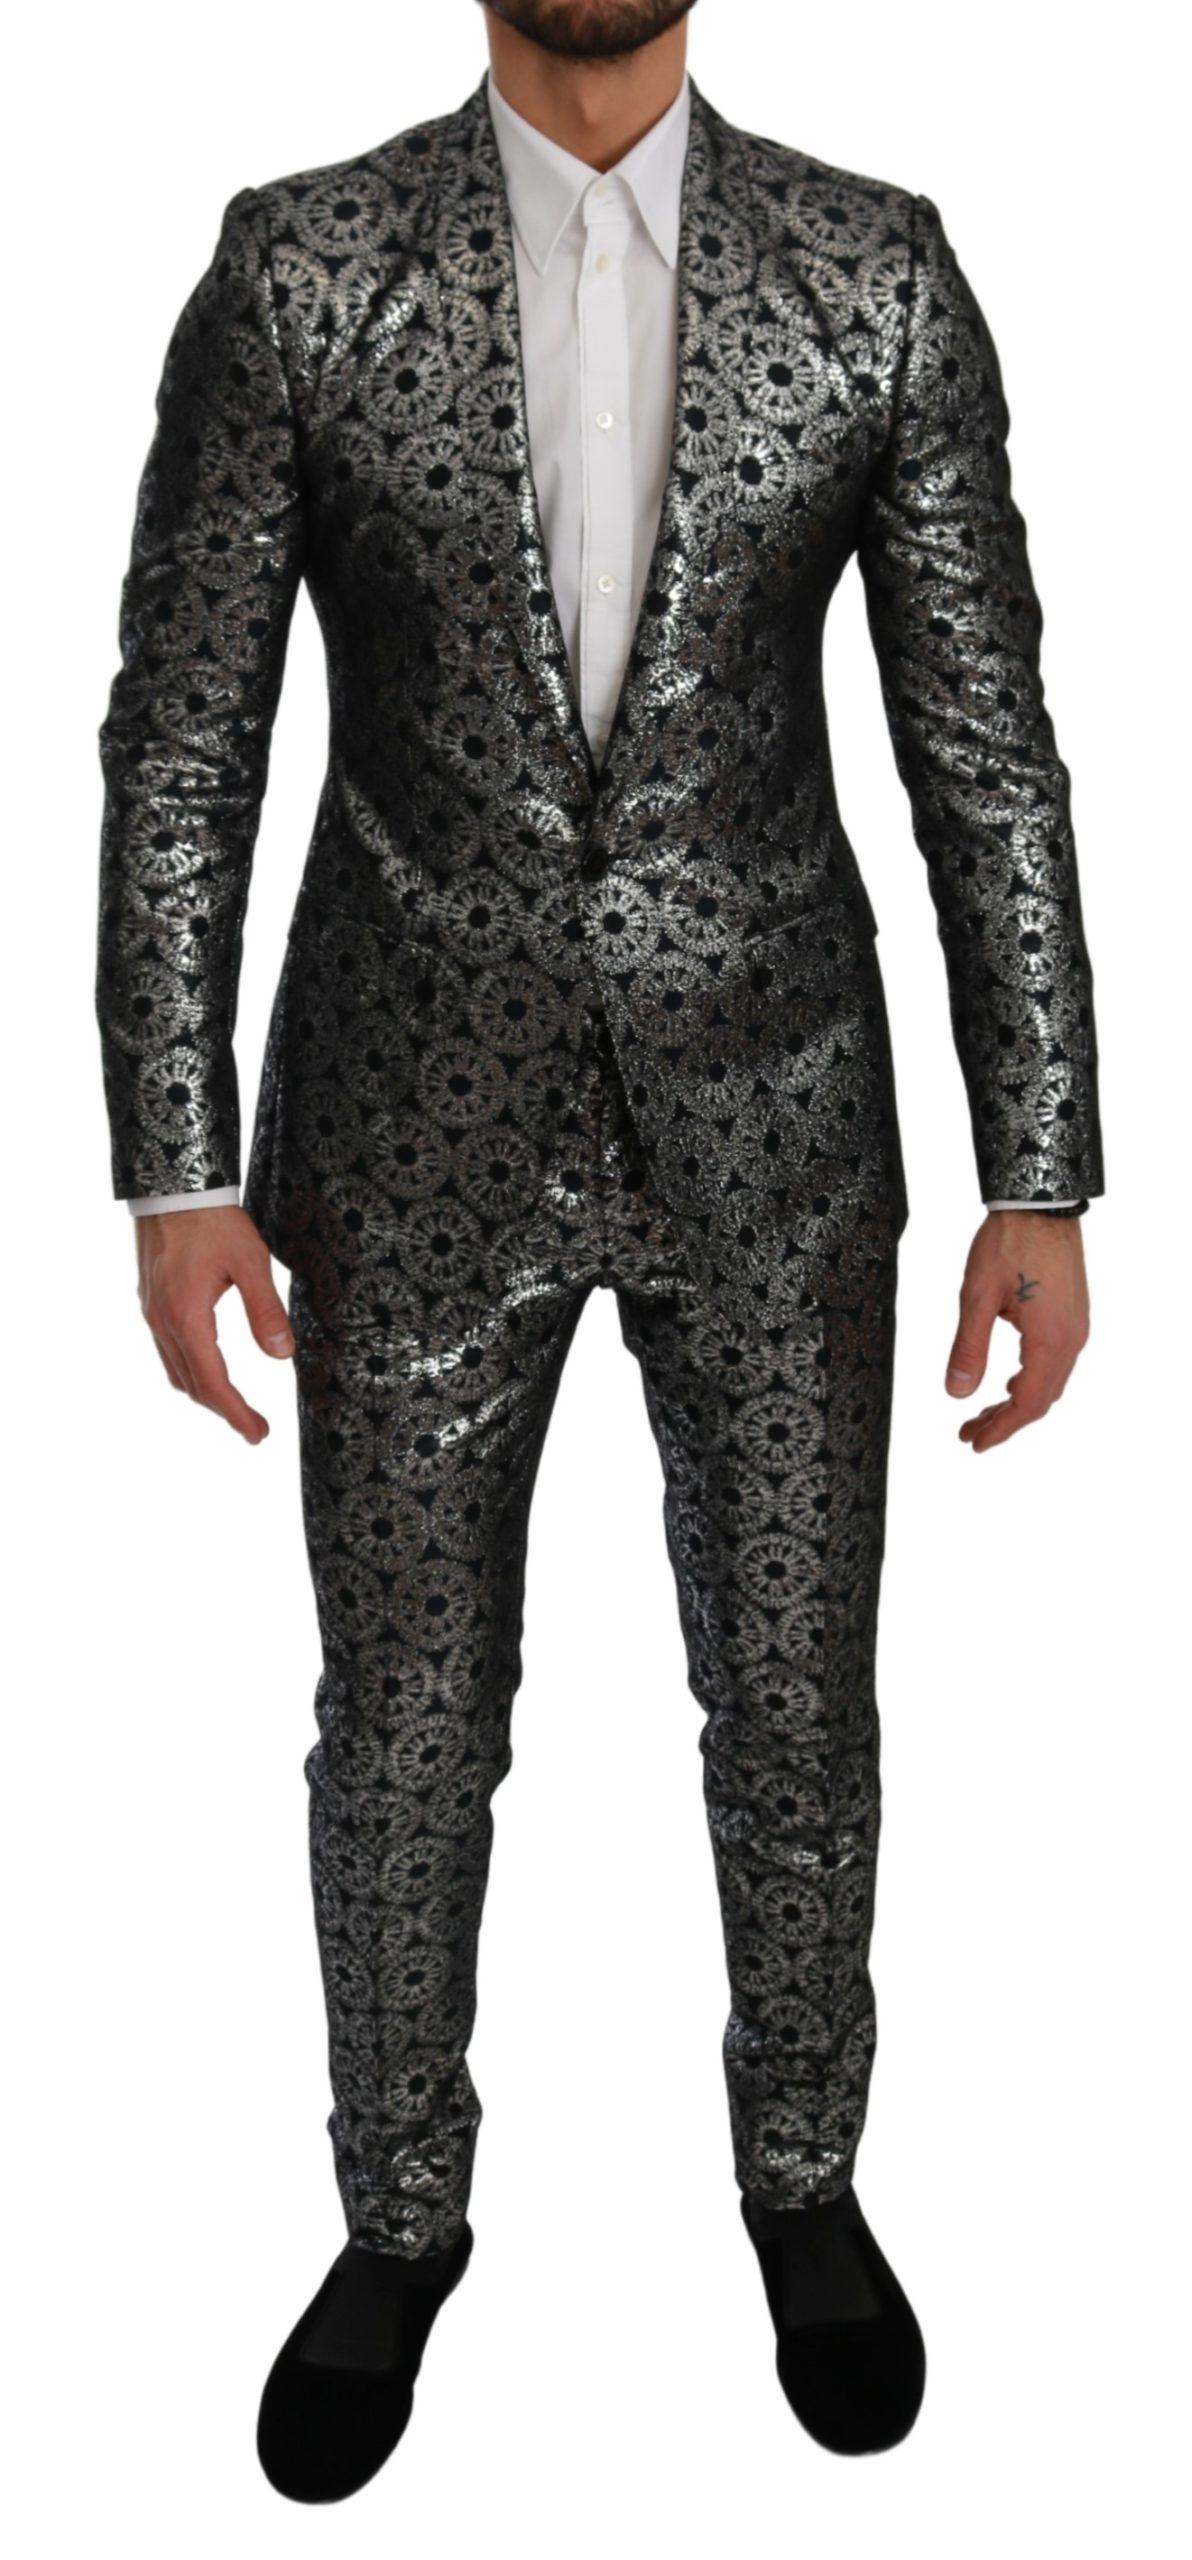 Dolce & Gabbana Men's Slim Fit GOLD 2 Piece Suit Blue KOS1790 - IT46   S